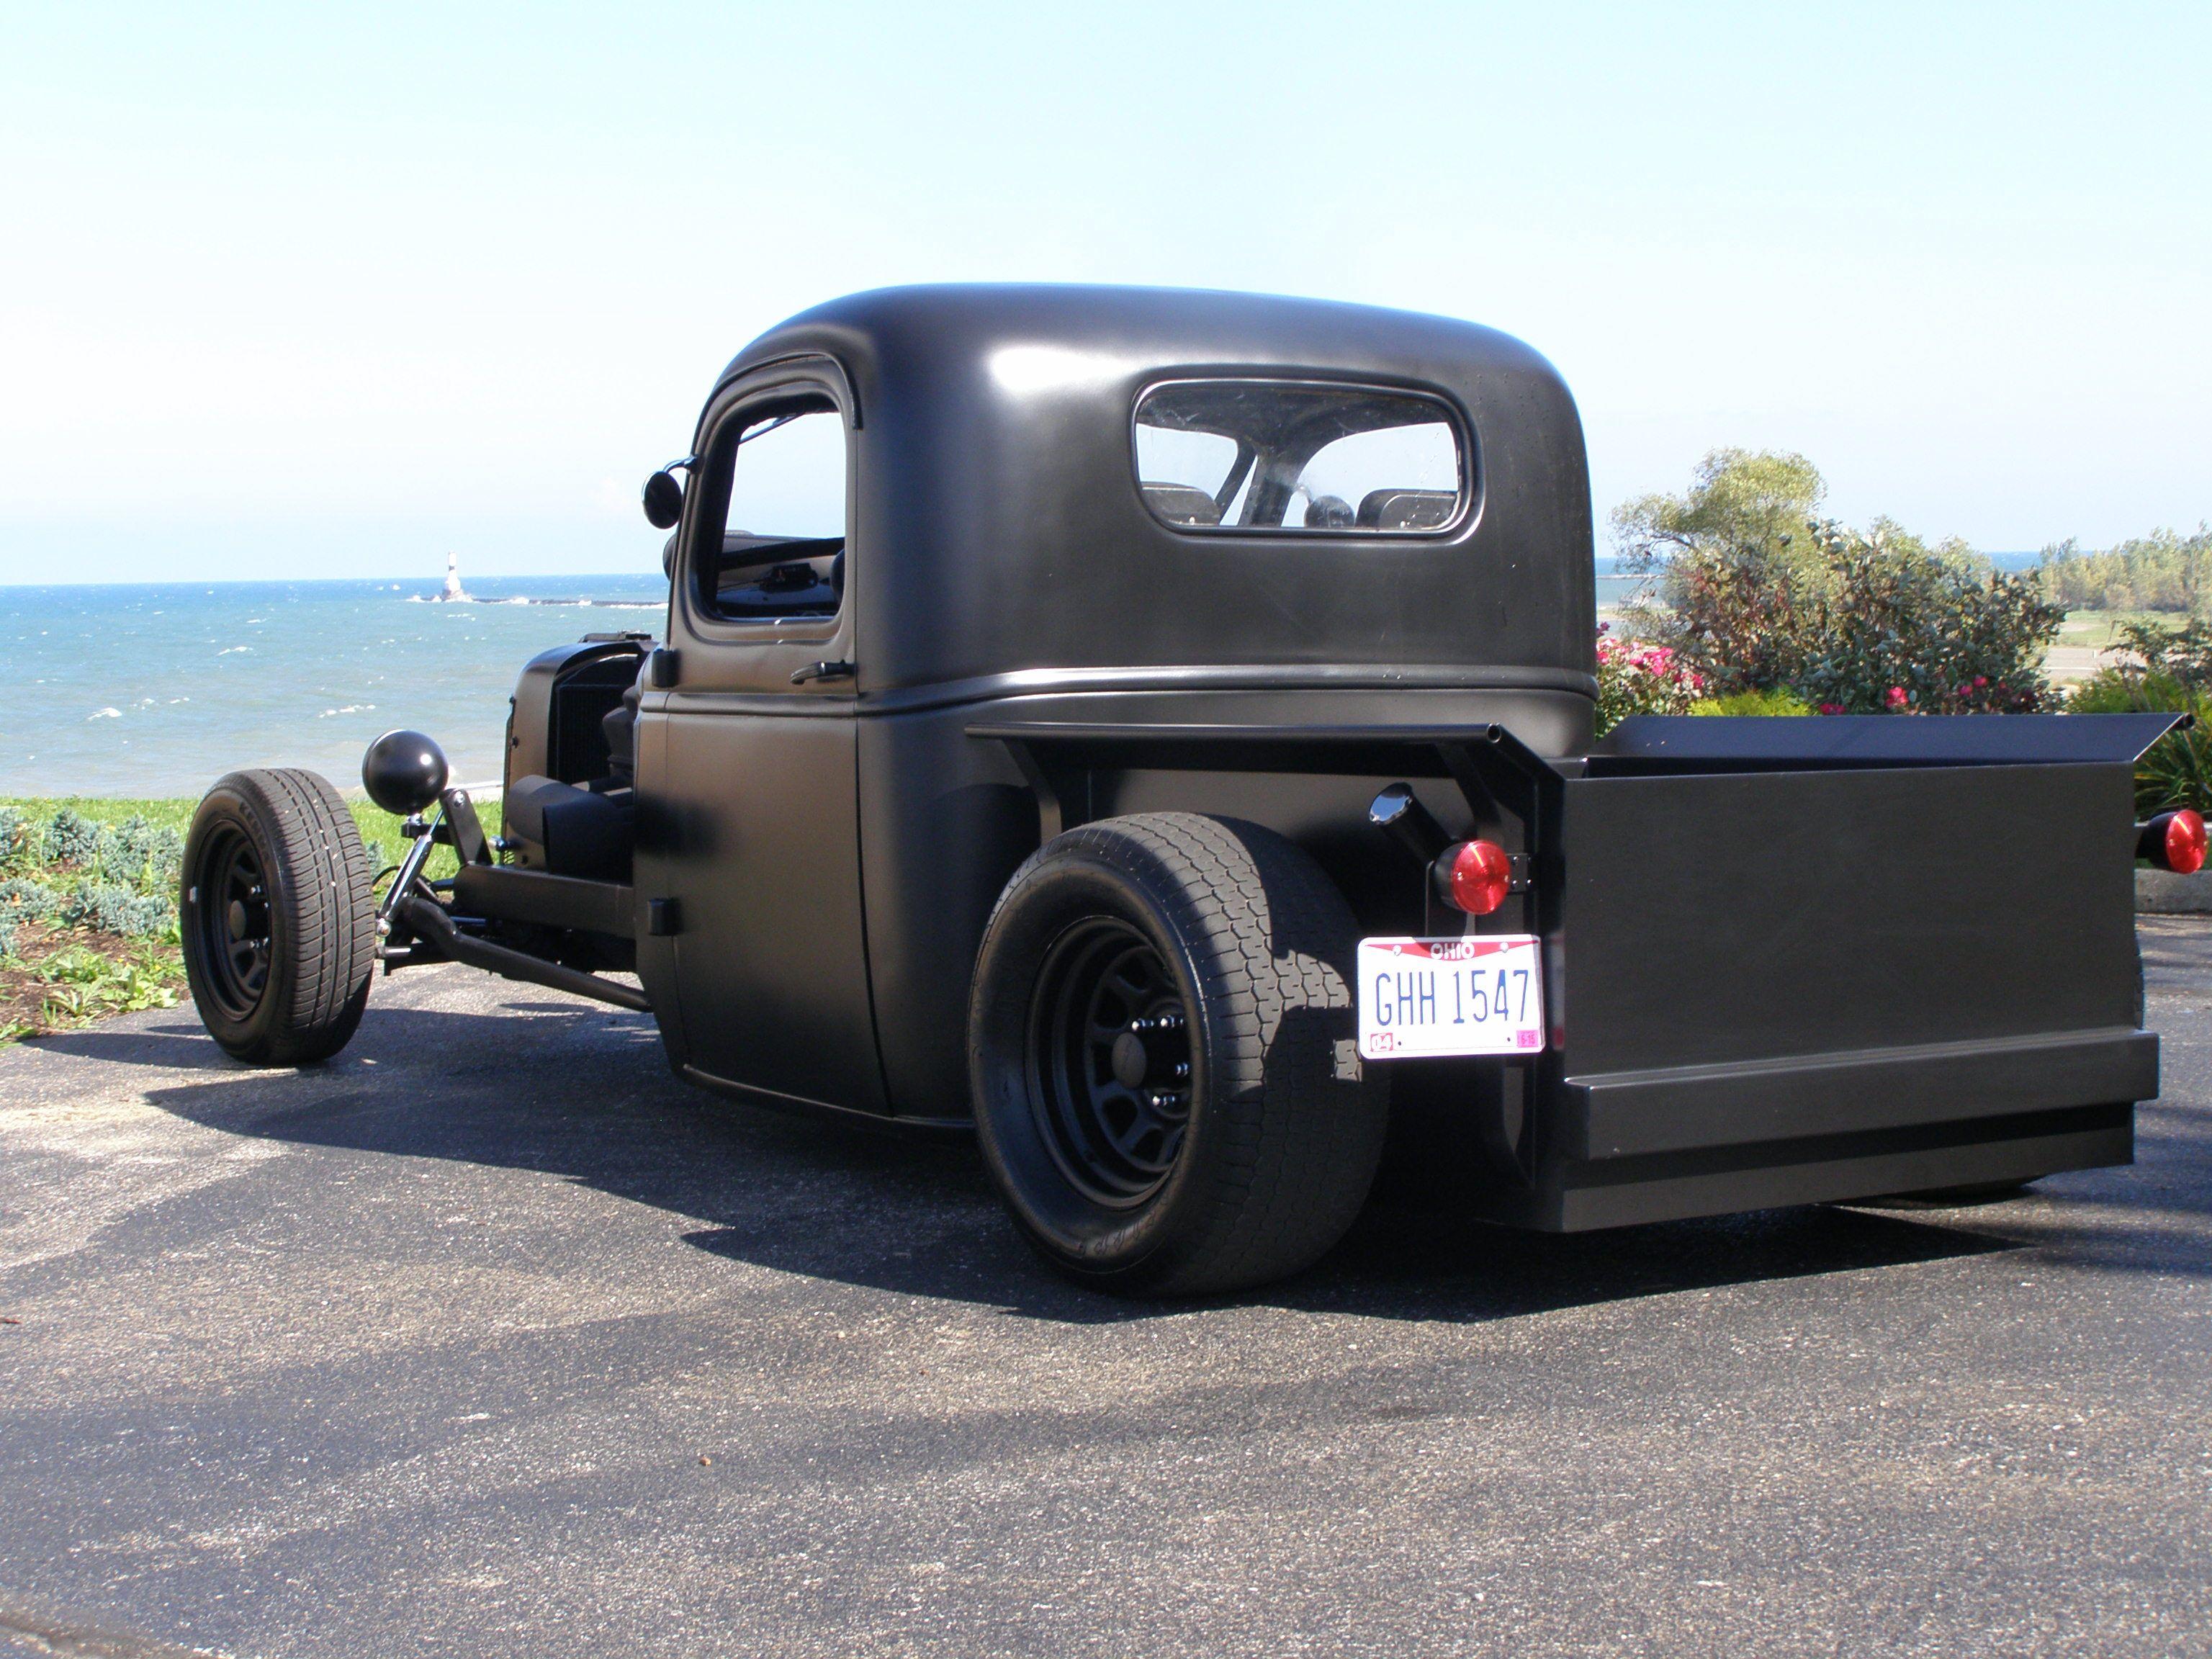 42 Chevy Rat Rod Truck - For Sale   Rat Rods   Pinterest   Rats ...